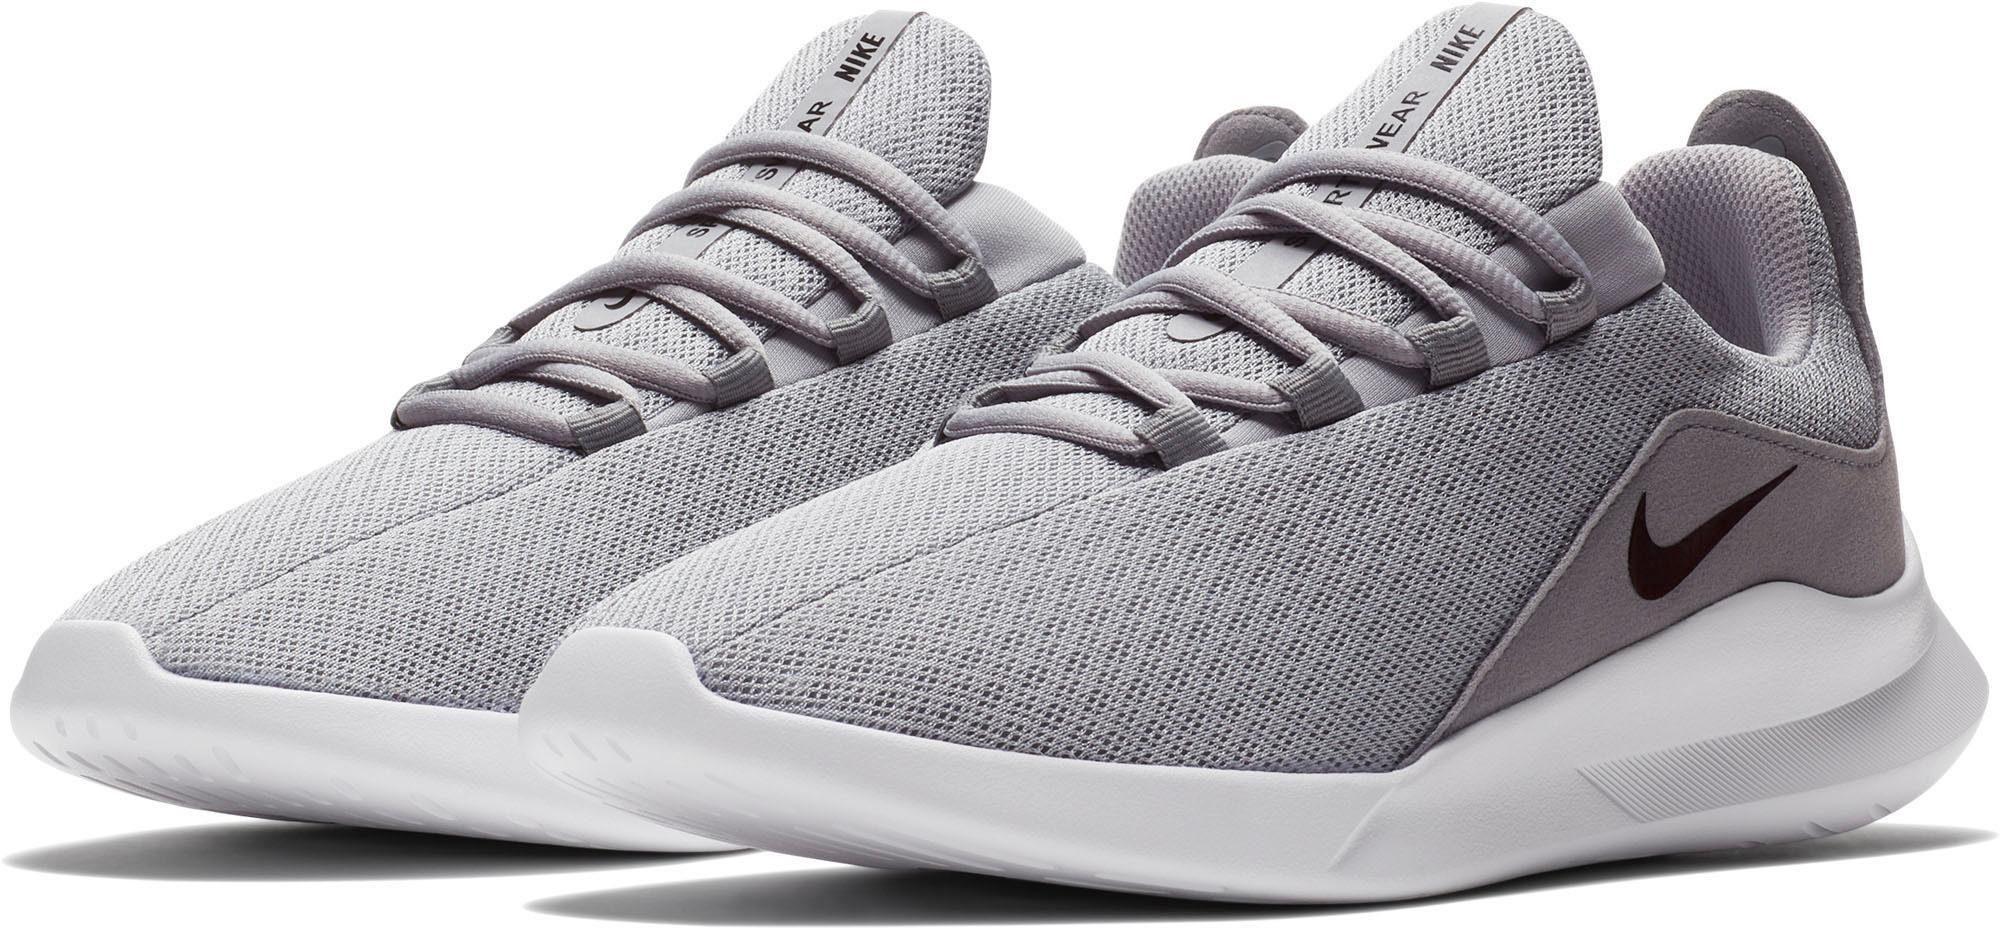 Nike Sportswear »Viale« Sneaker, Obermaterialmix aus Synthetik und Textil online kaufen | OTTO